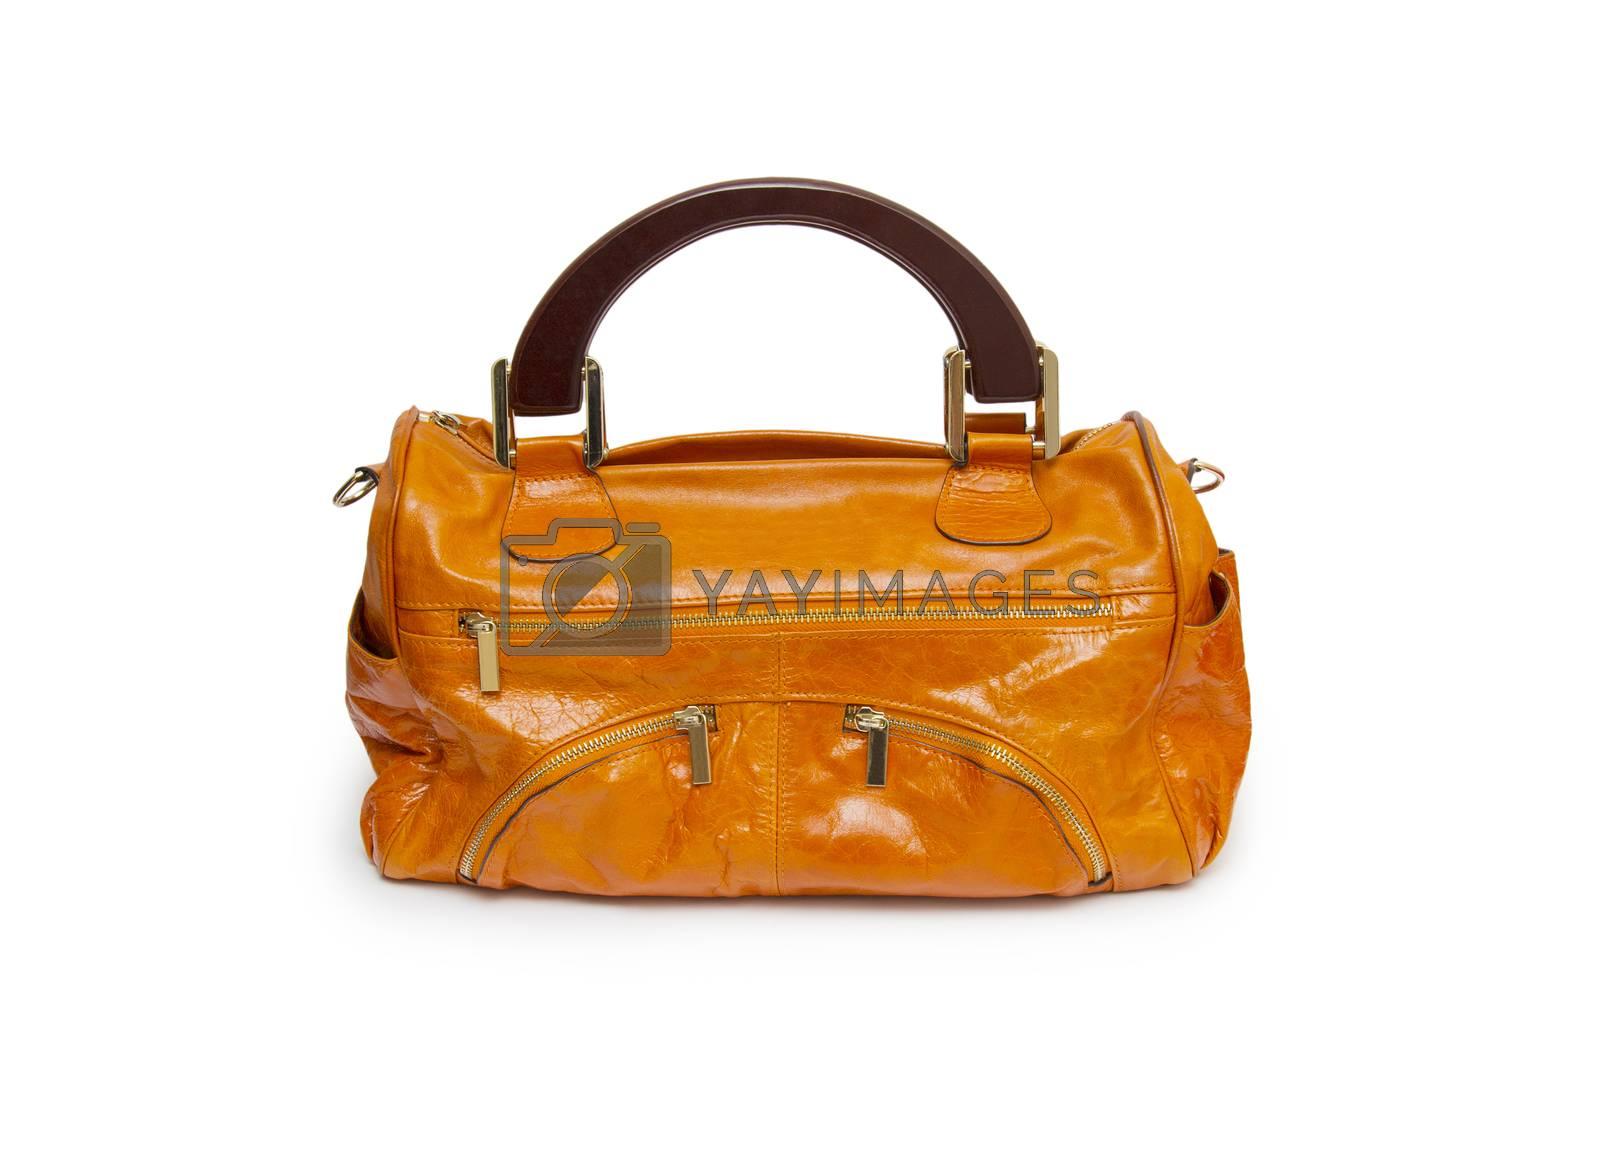 Royalty free image of Orange female handbag isolated on white background. by cocoo